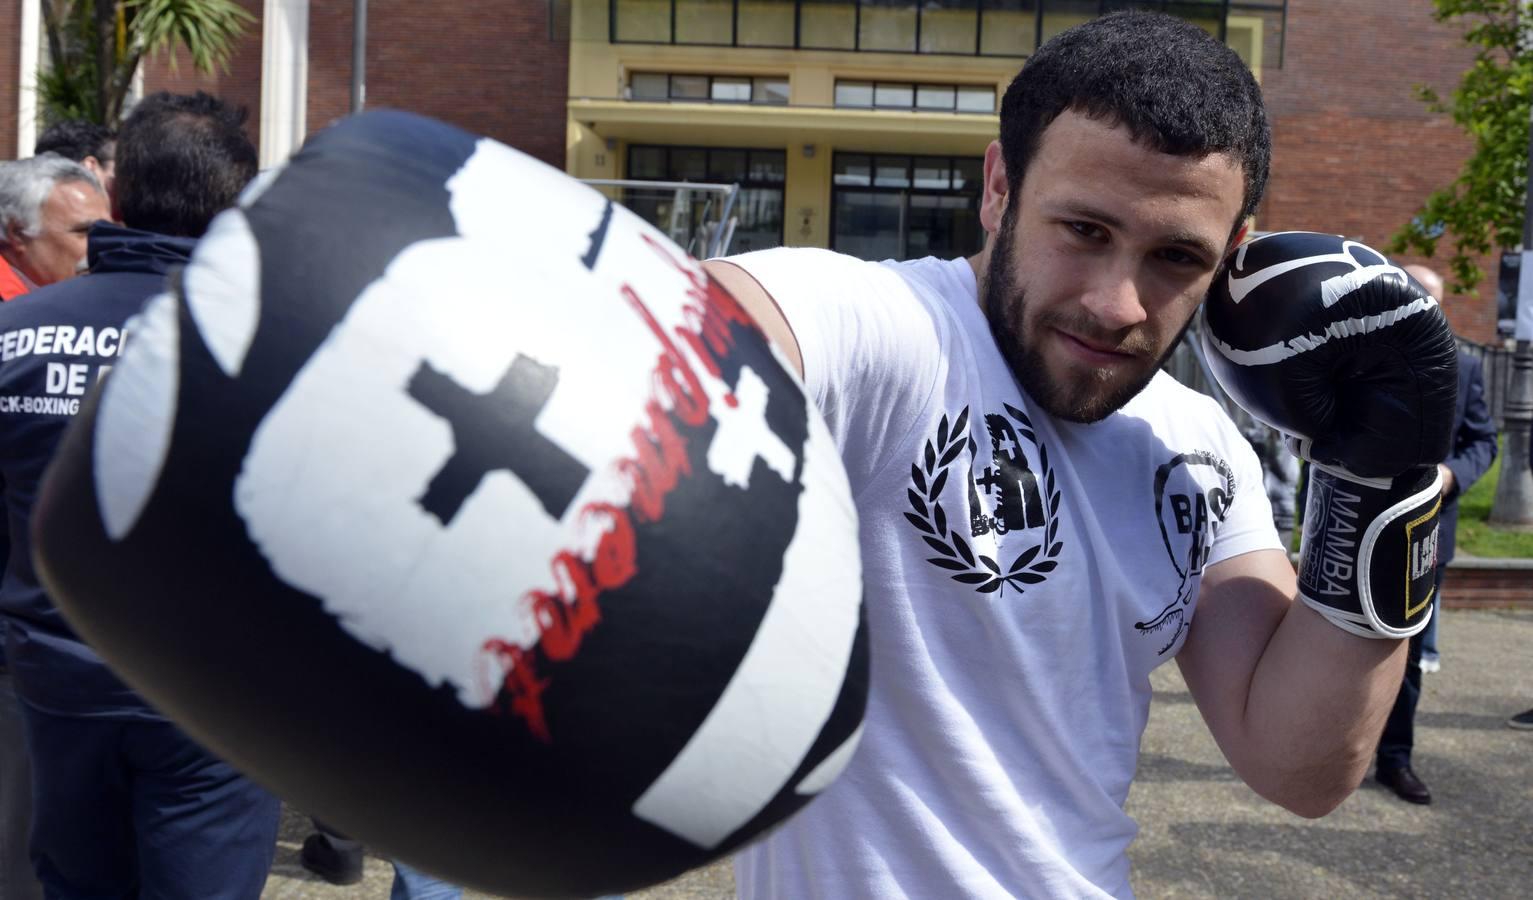 Bilbao se convierte en un ring al aire libre para promocionar el Campeonato de Euskadi de boxeo